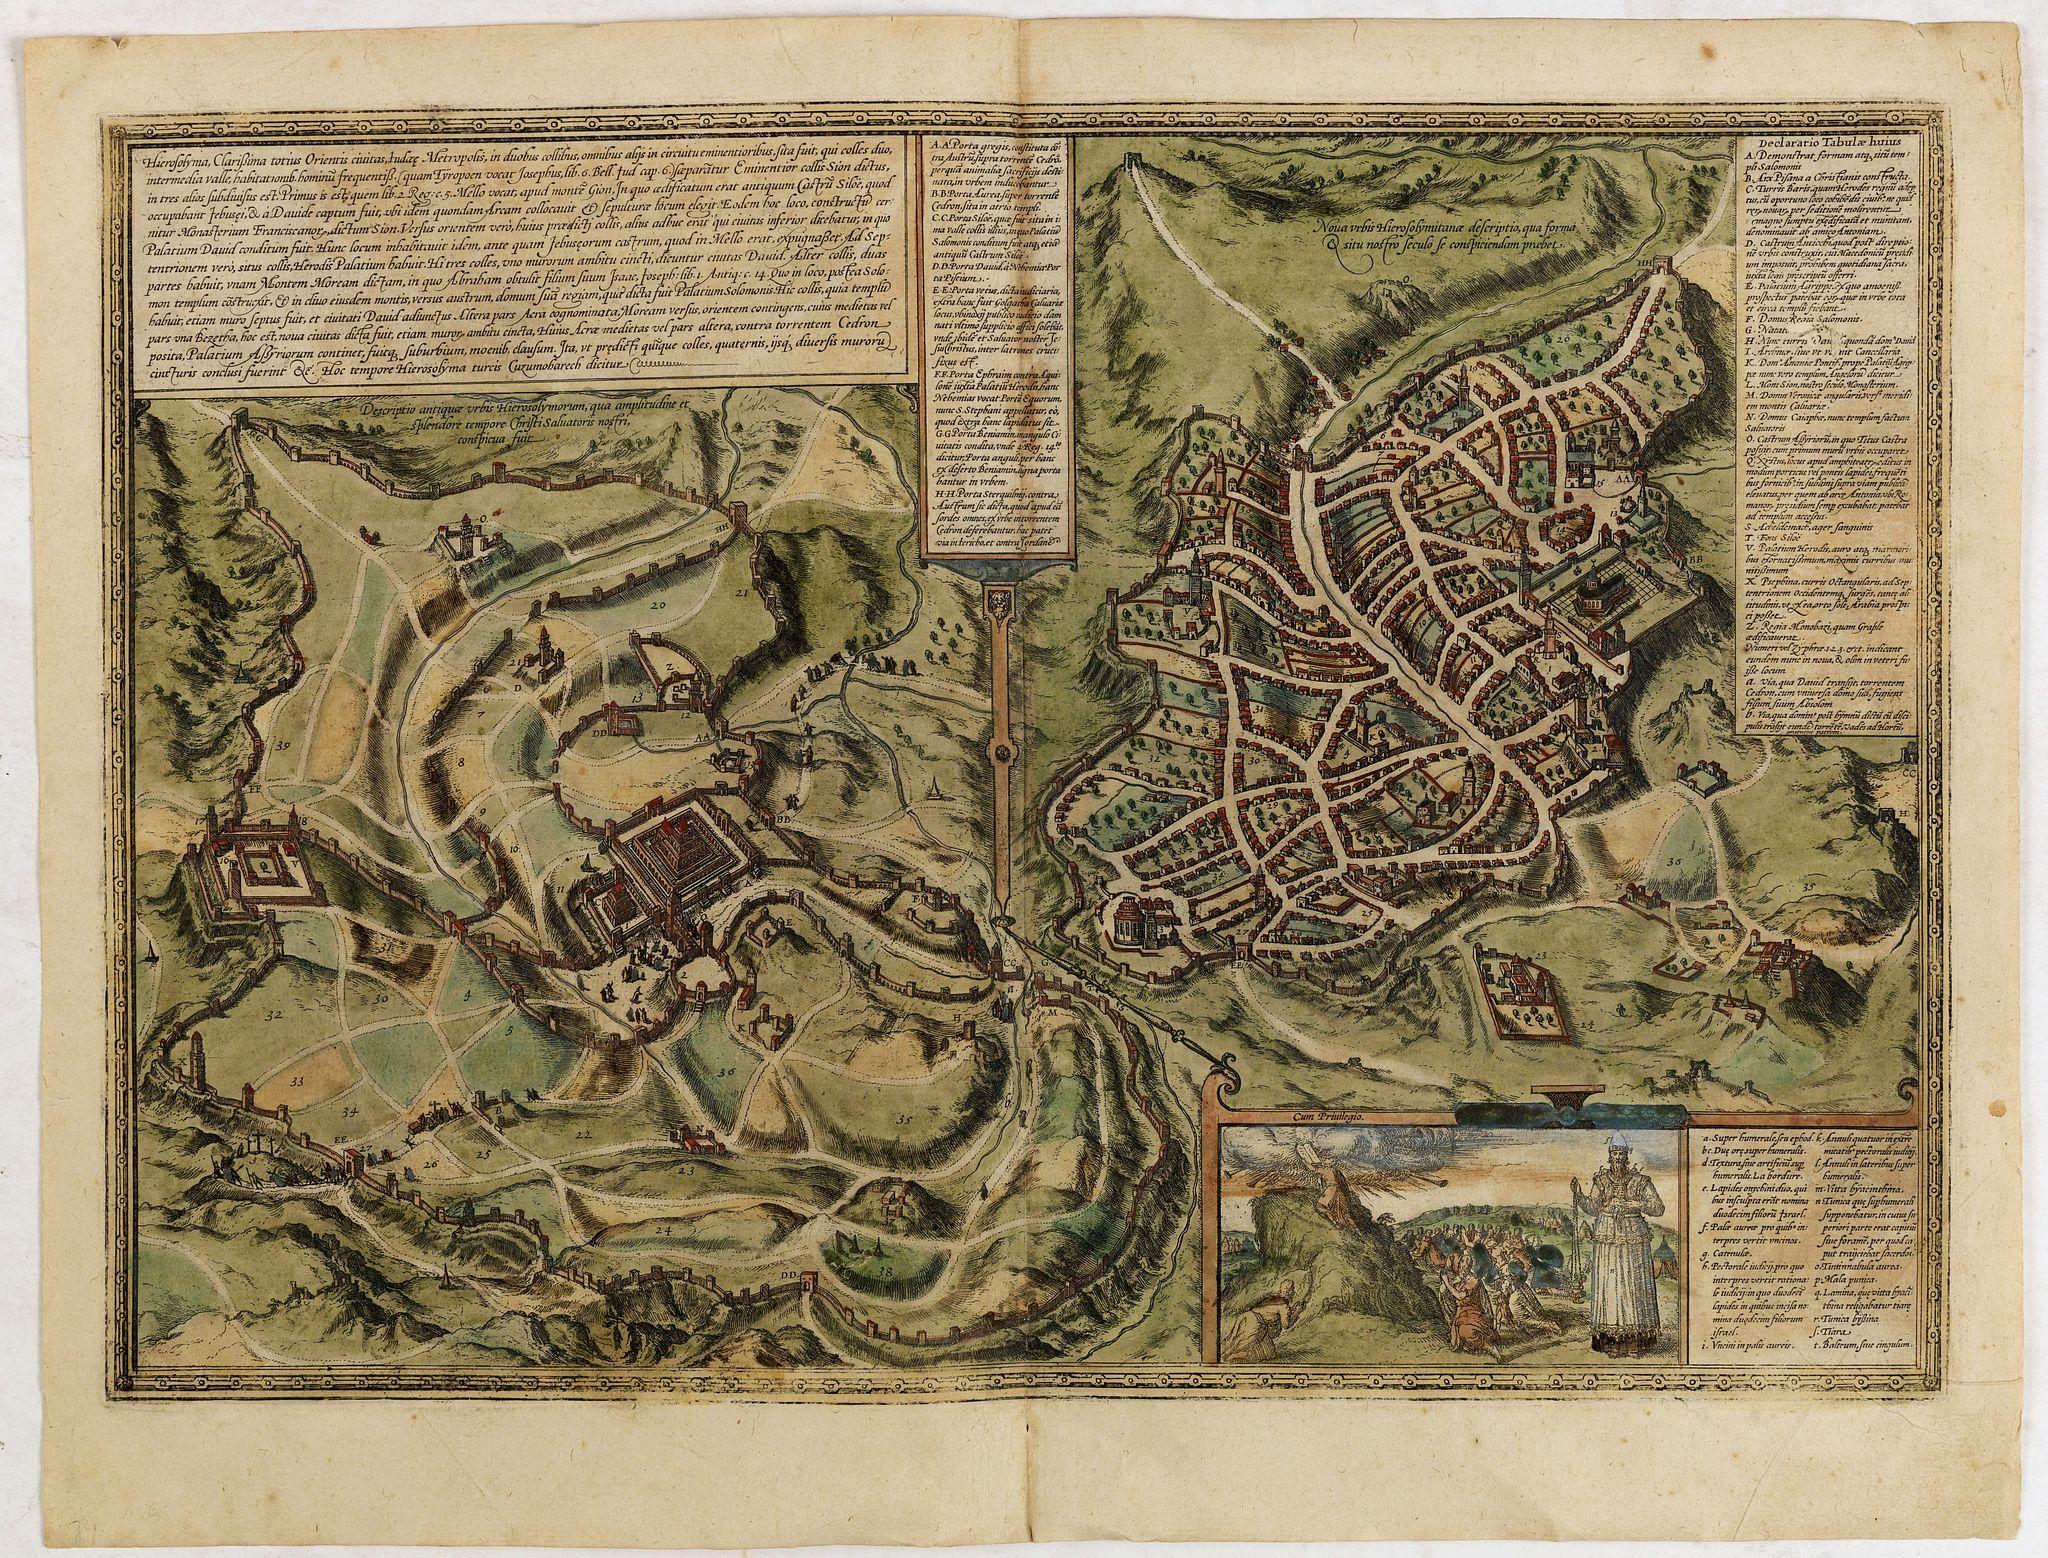 BRAUN,G. / HOGENBERG, F. -  Hierosolymia, Clarissima totius Orientis civitas. . .